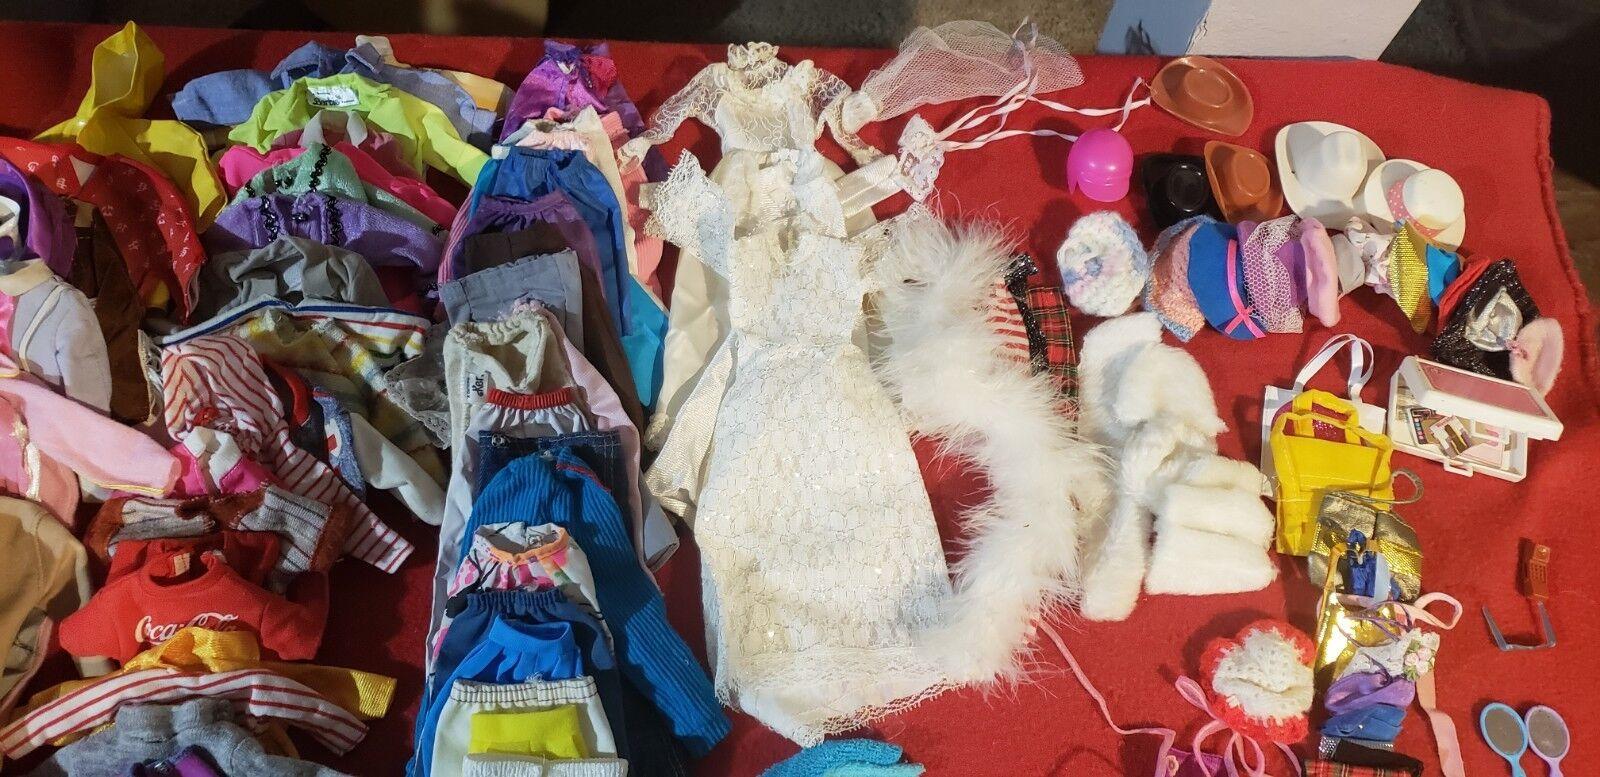 Lote enorme de Vintage Barbie   Muñecas   Ropa   coches   Piano   Baño   + más